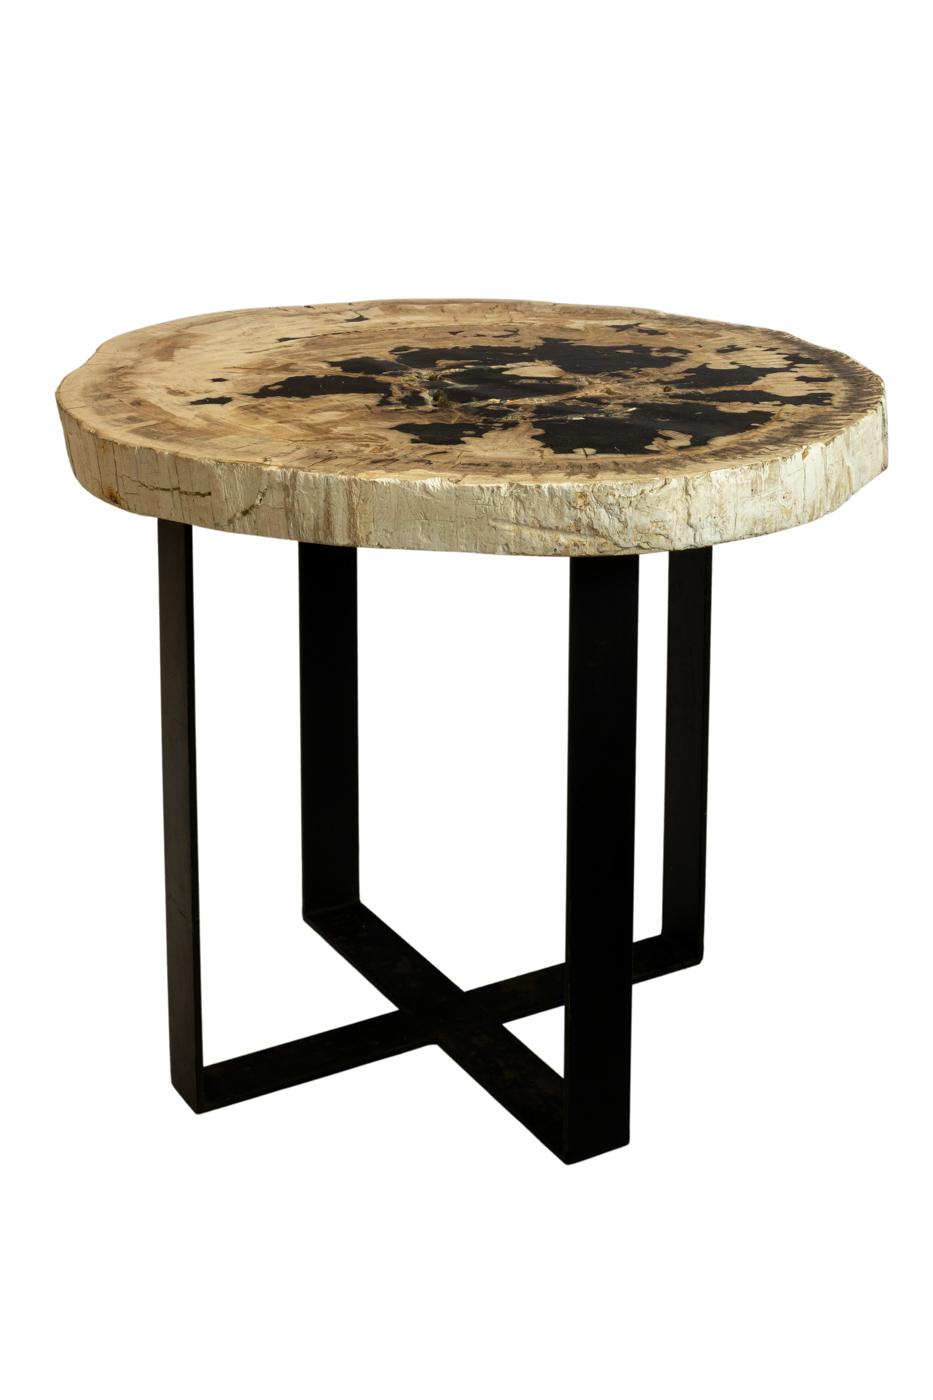 Fossilised wood side table - Oval